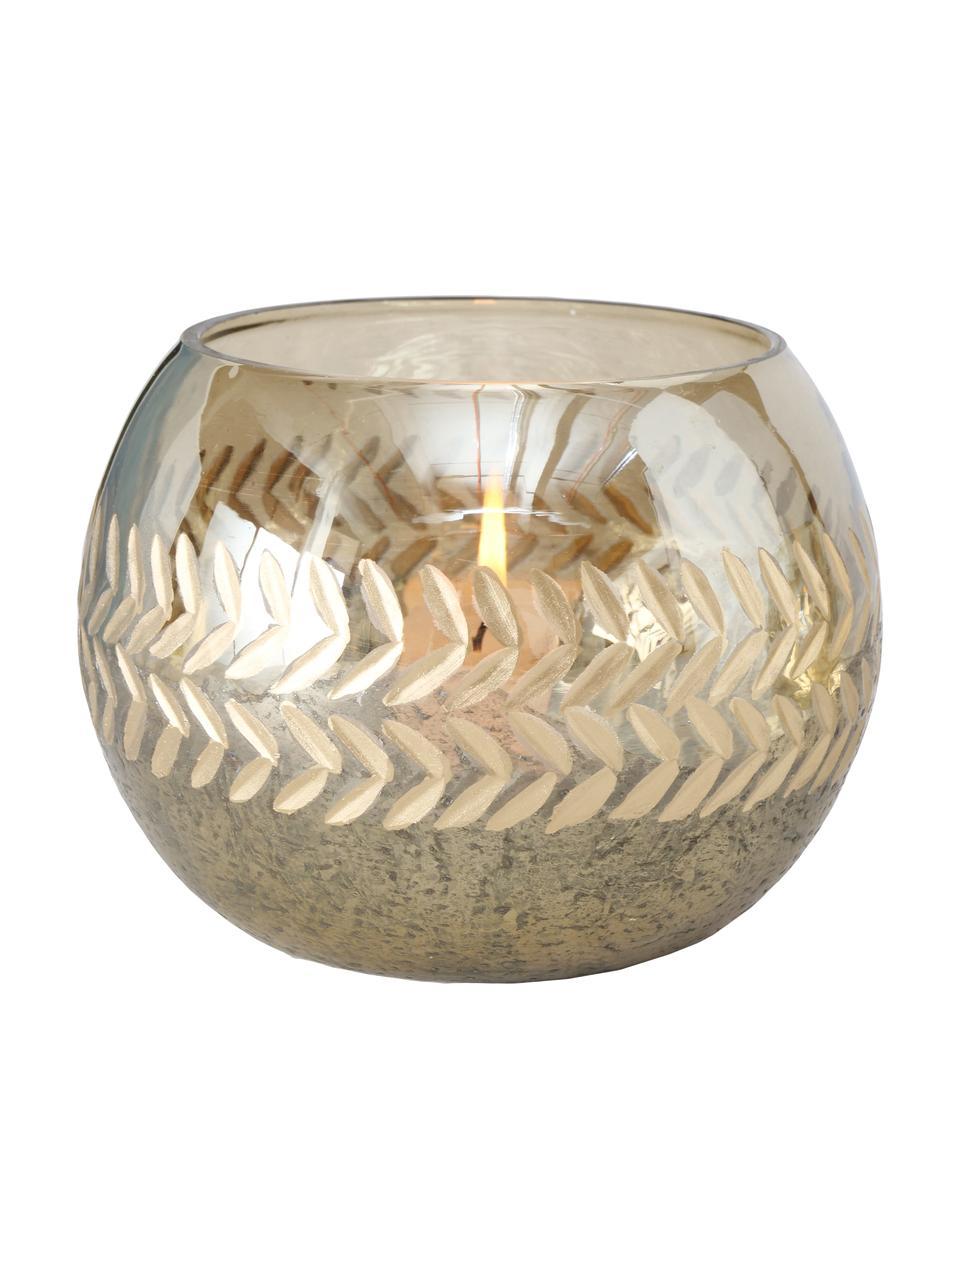 Teelichthalter-Set Laurel, 2-tlg., Glas, Goldfarben, Ø 15 x H 11 cm